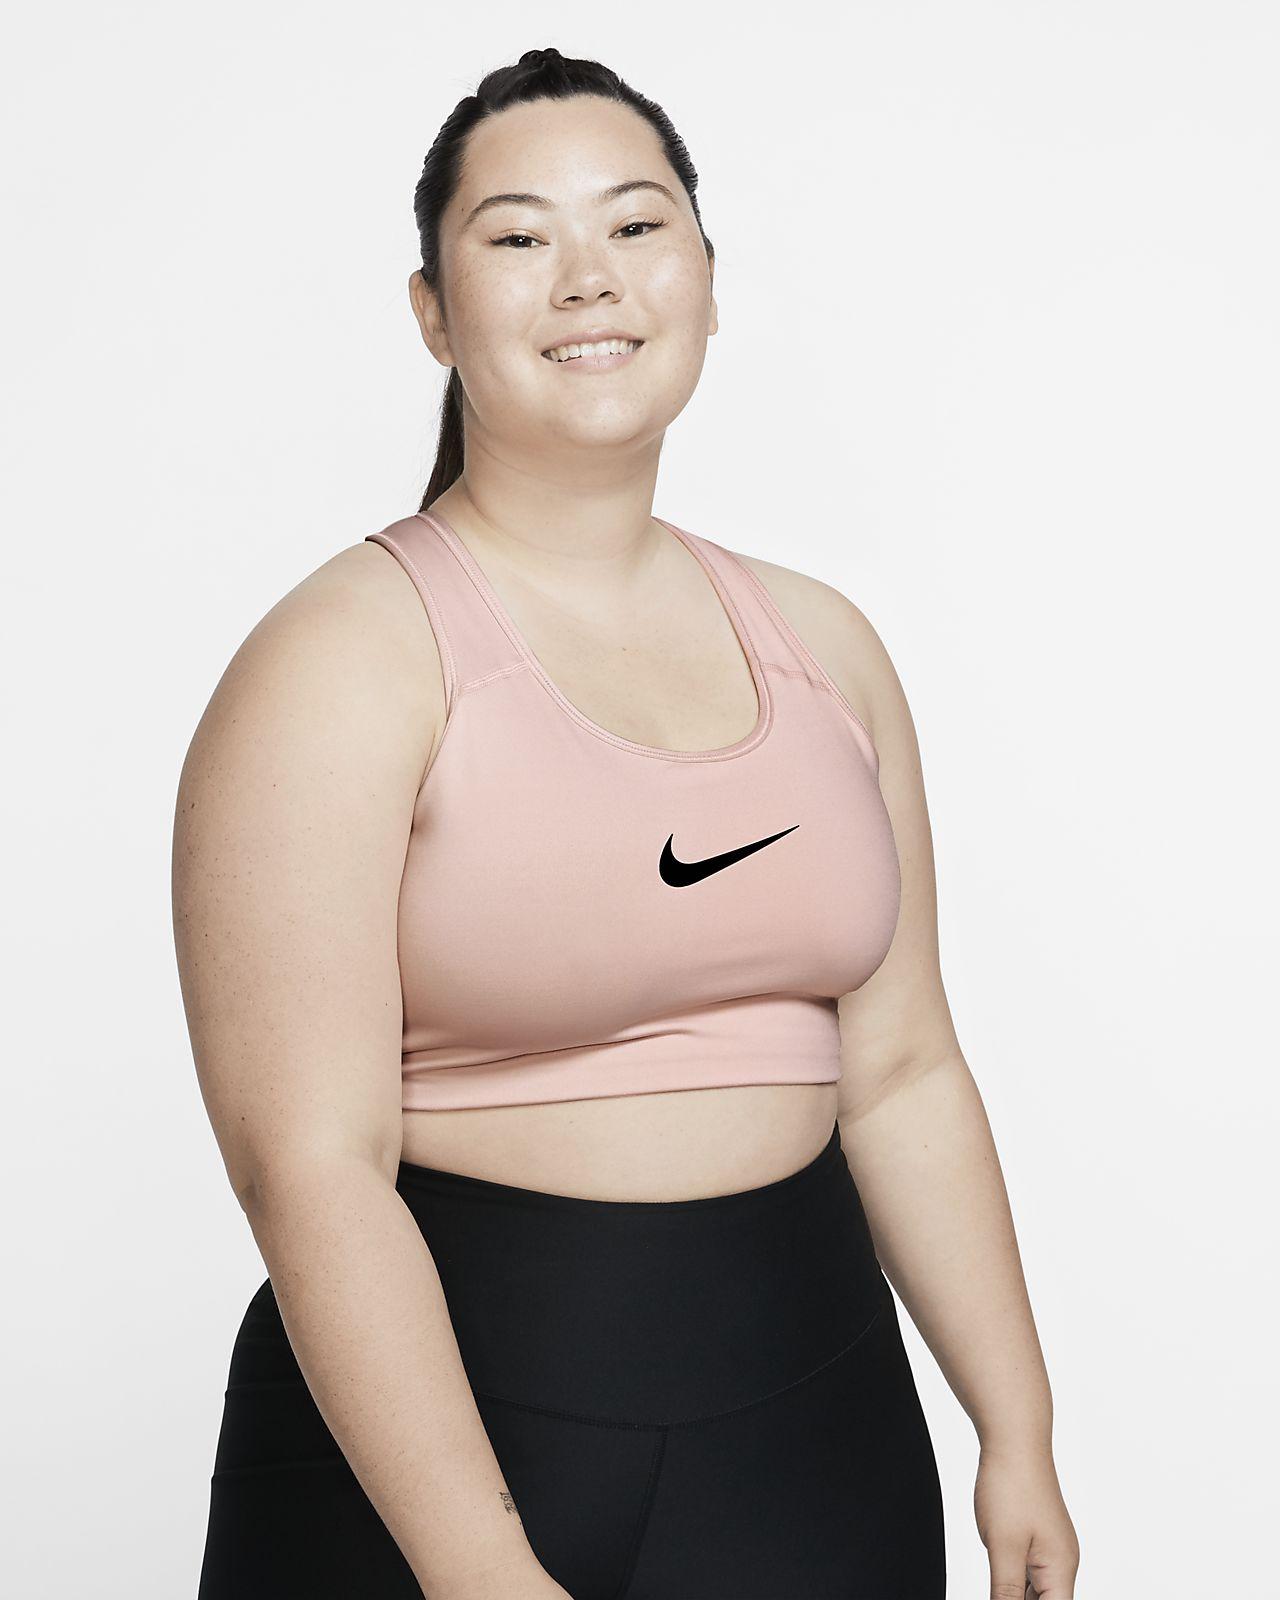 Nike Sostenidors esportius de subjecció mitjana amb logotip Swoosh (talles grans) - Dona